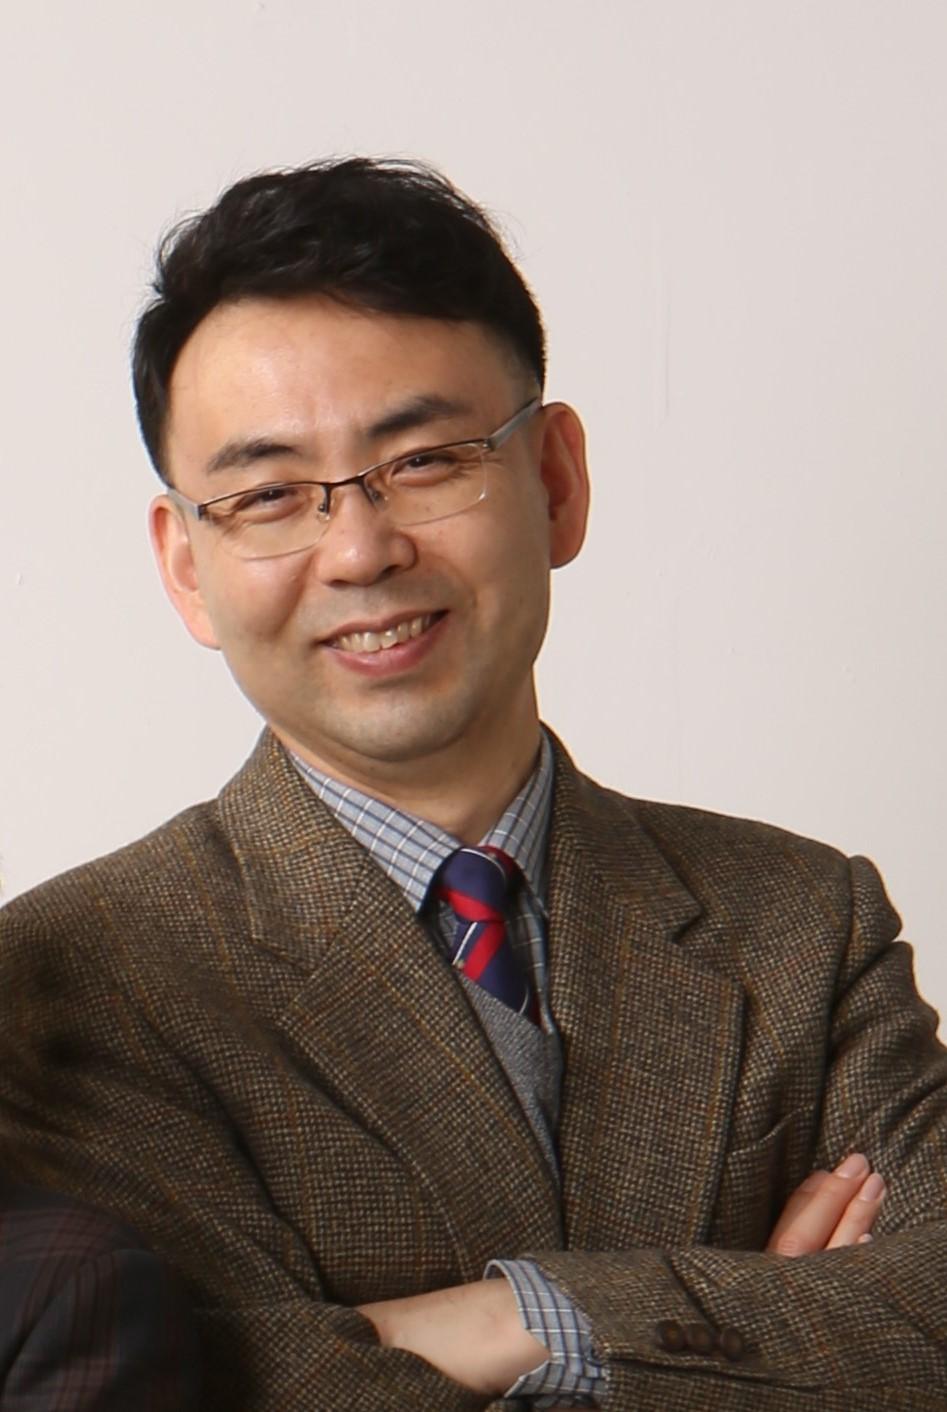 박성홍사진3.jpg